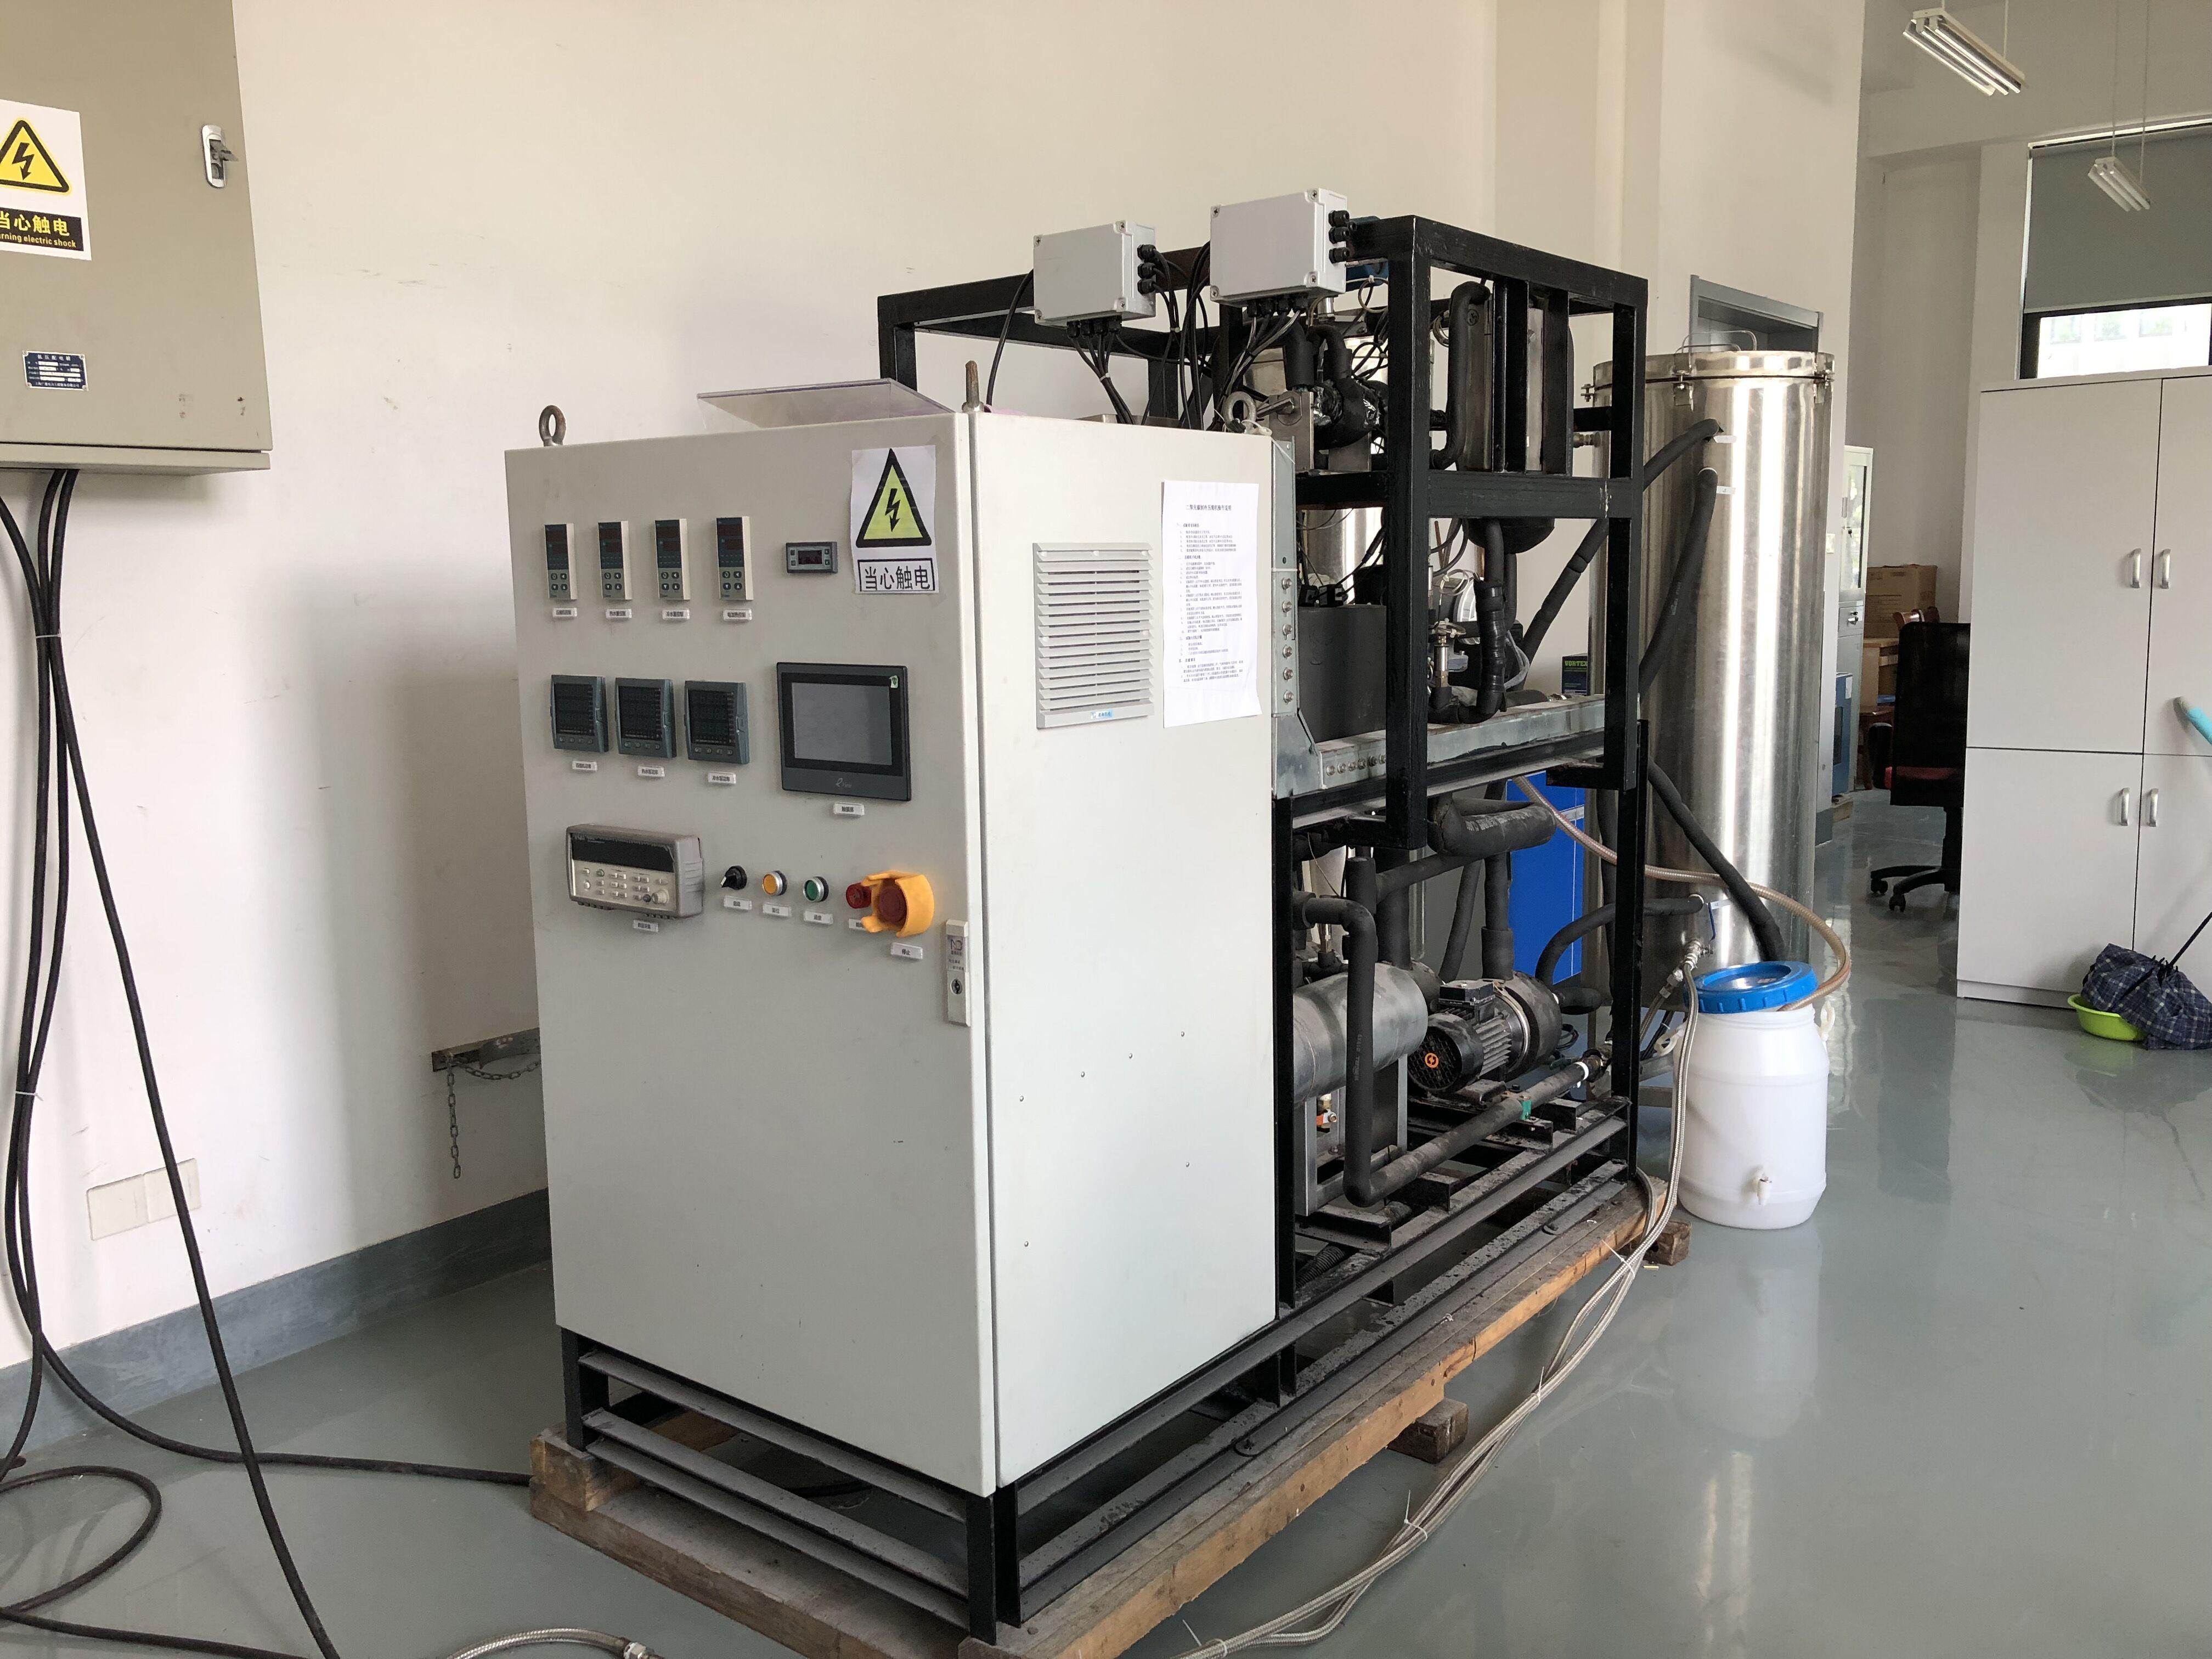 上海电力大学-图2喷射式跨临界CO2热泵双模式储能实验系统(学校提供).jpg